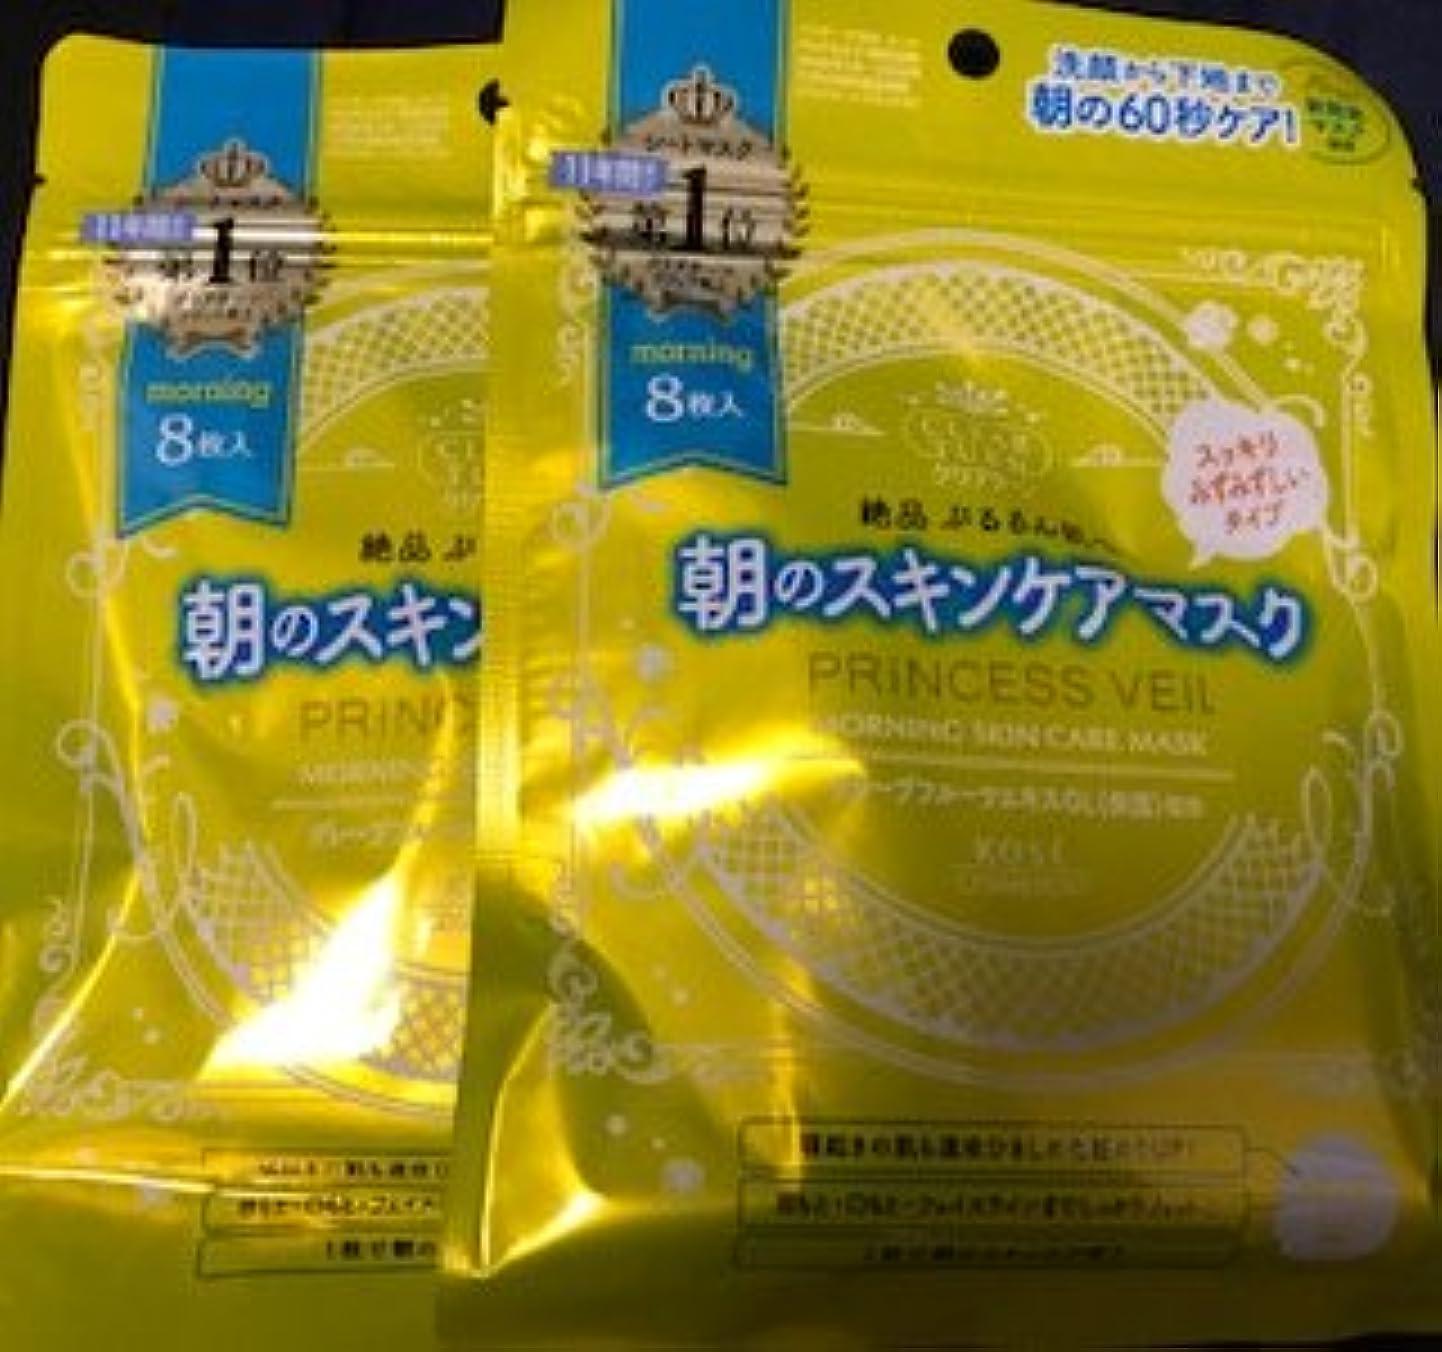 最高カエル豚肉[セット品]KOSE クリアターン プリンセスヴェール モーニング スキンケア マスク 8枚入 ×お買い得2個セット